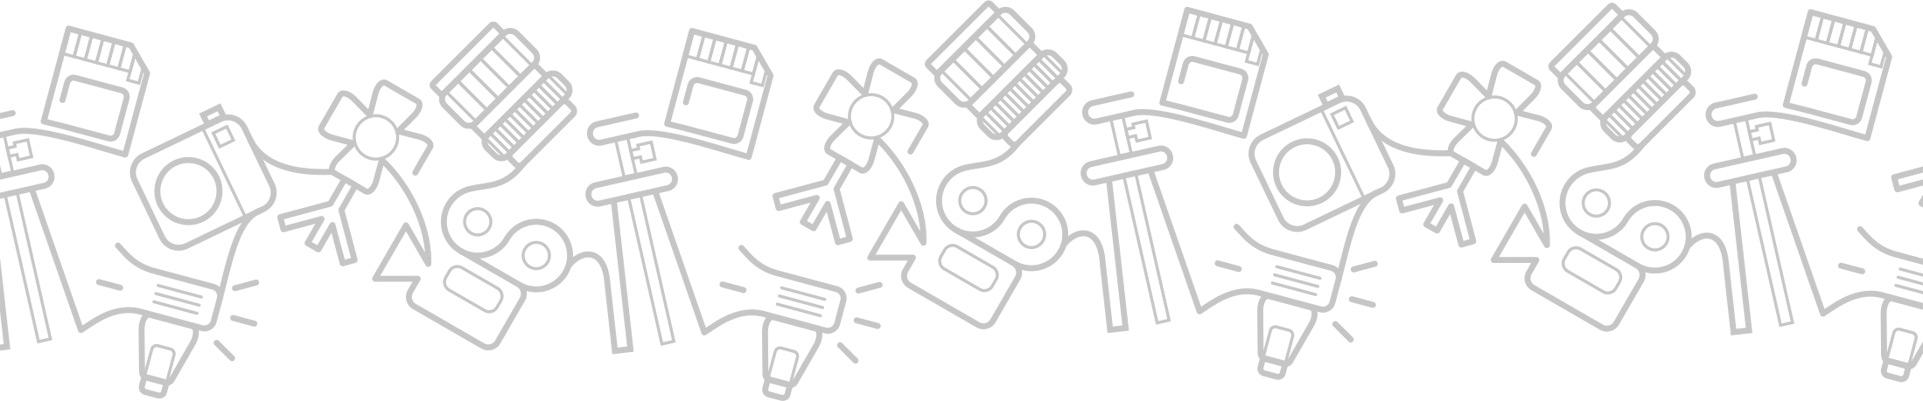 Photobuba-разработка-паттерна-салона-проката-профессионального-фото-и-видео-оборудования